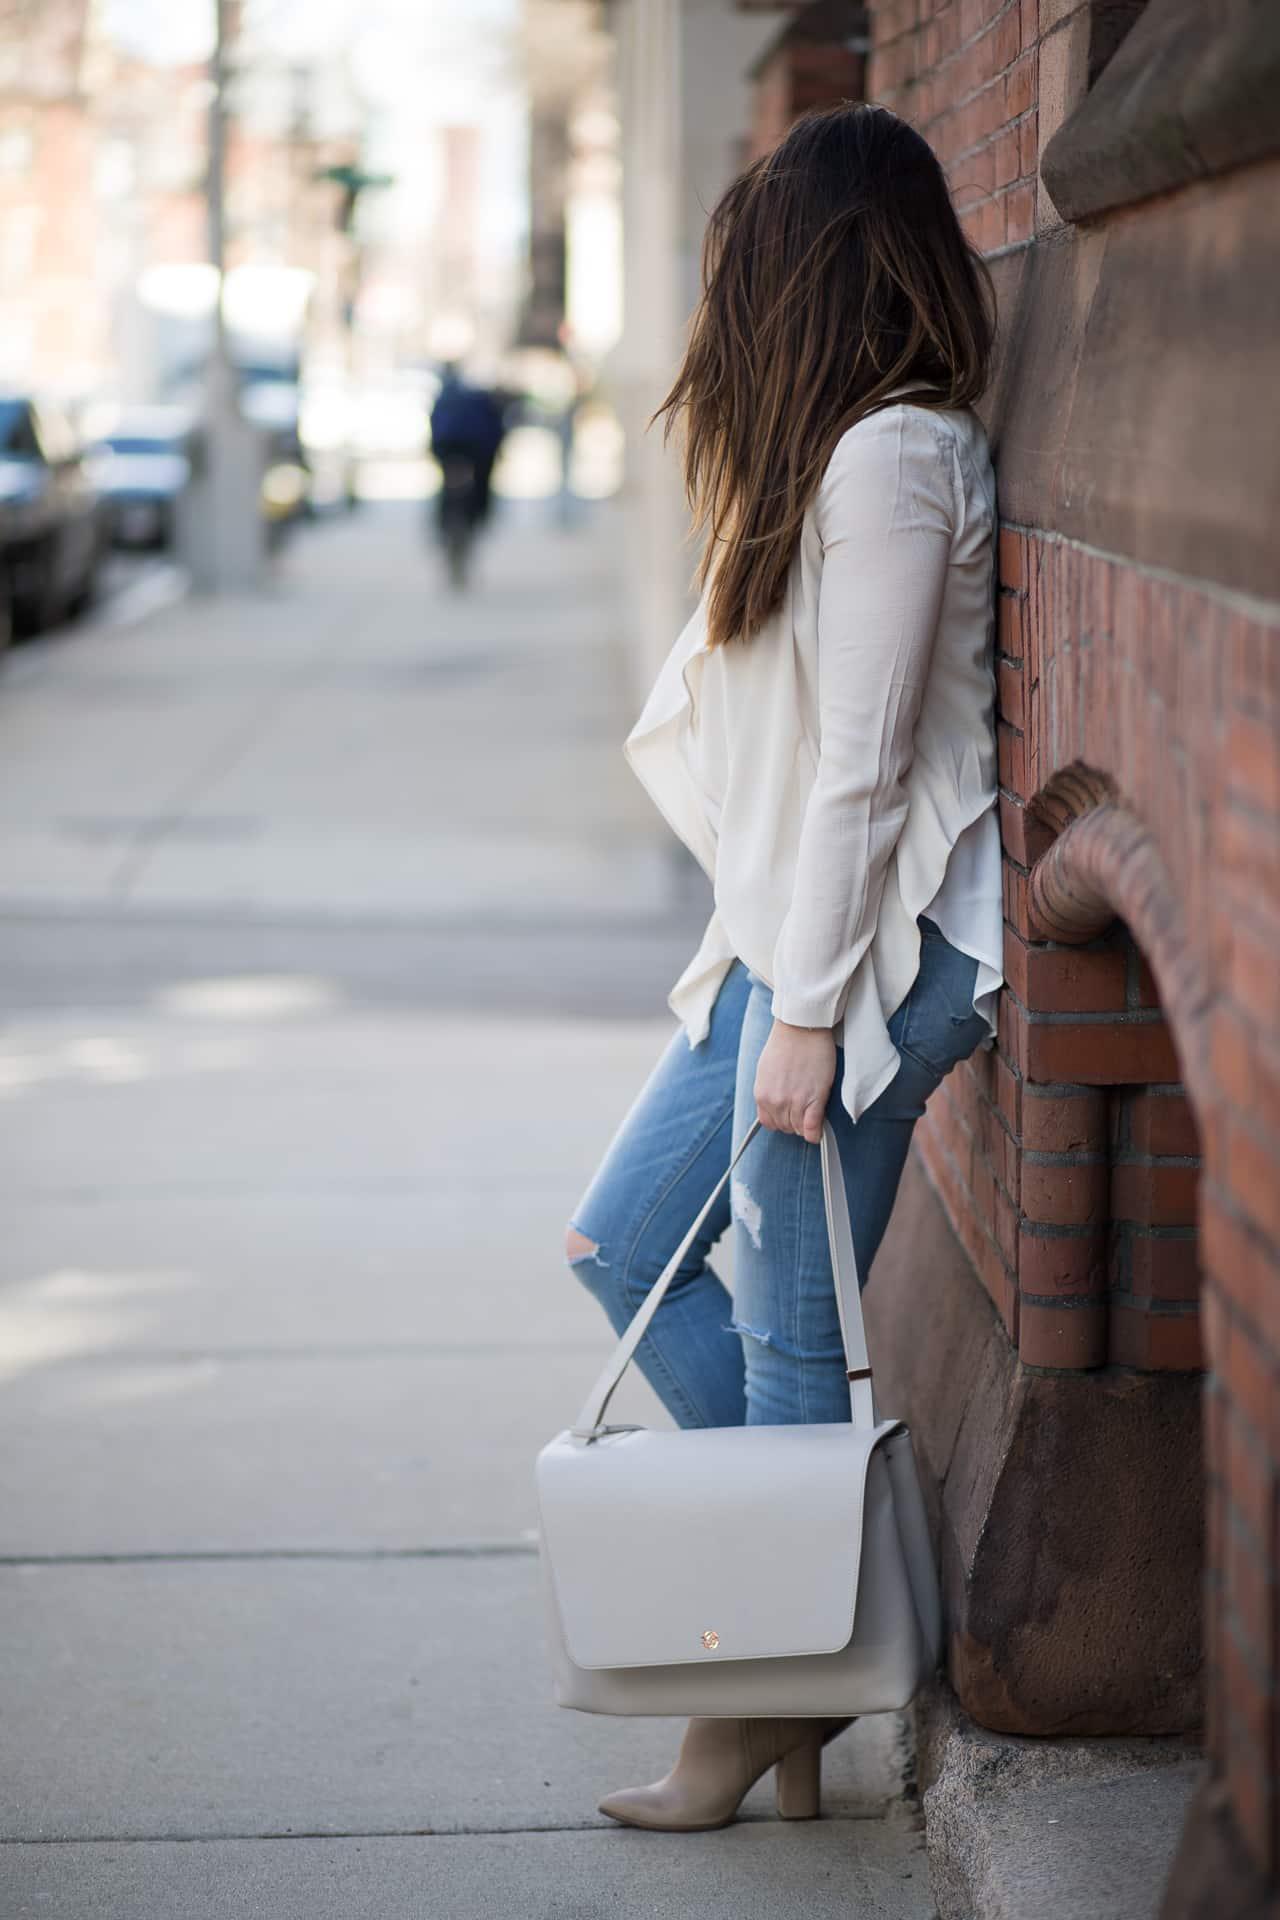 Boss babe handbag - Sunny Coastlines Style